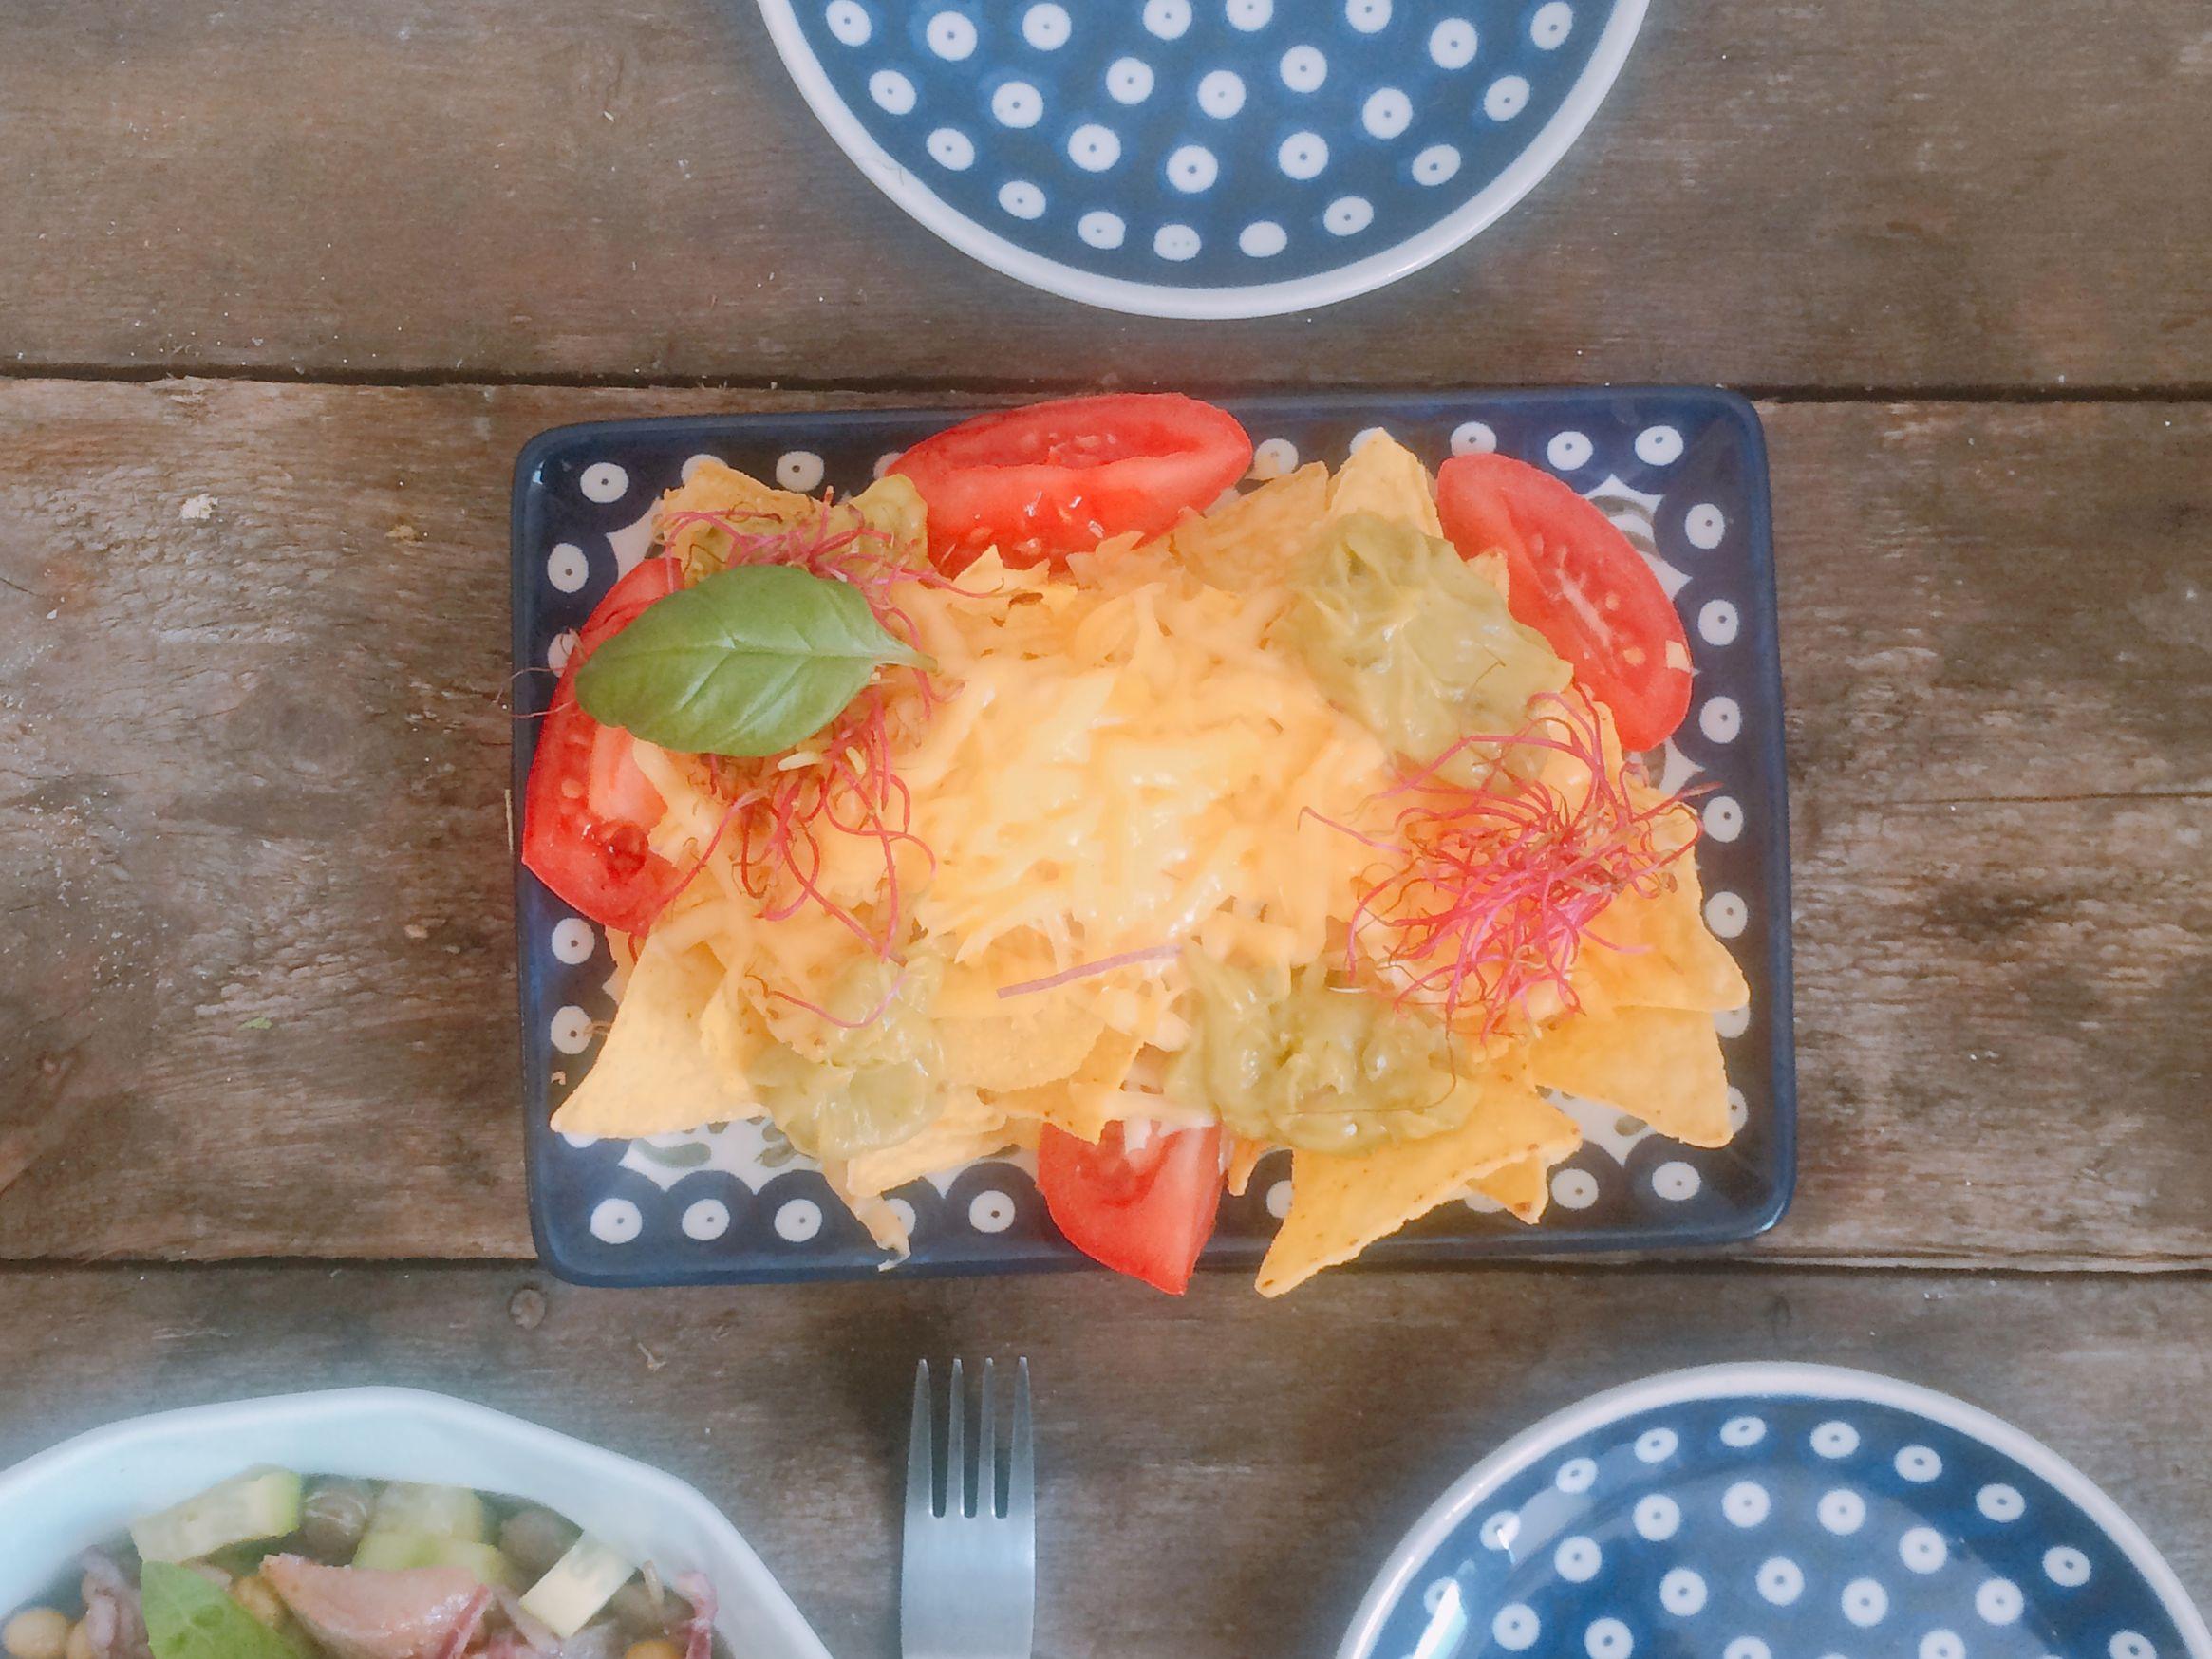 Nachosy z guacamole i serem